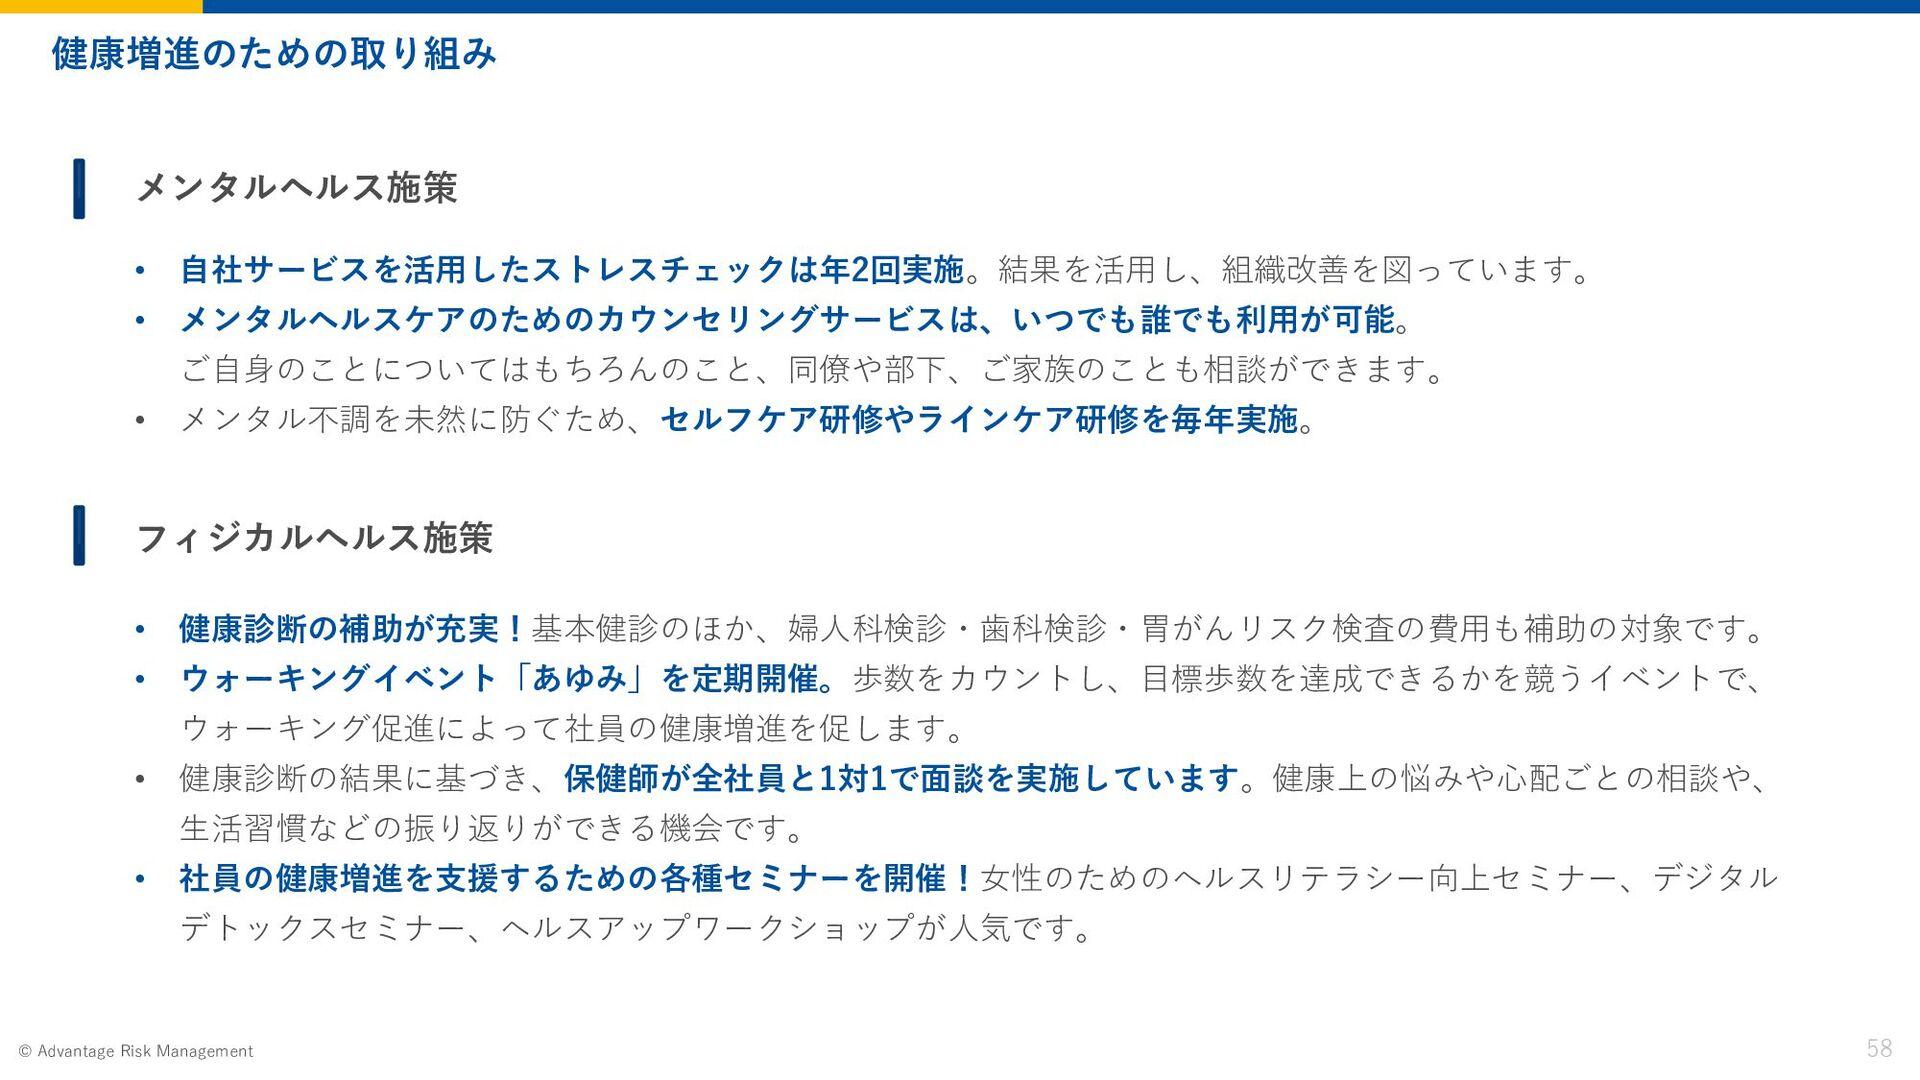 17階なので眺望良好! 目が疲れたときは 窓の外を見にいくと リフレッシュされます 渋谷方面が...